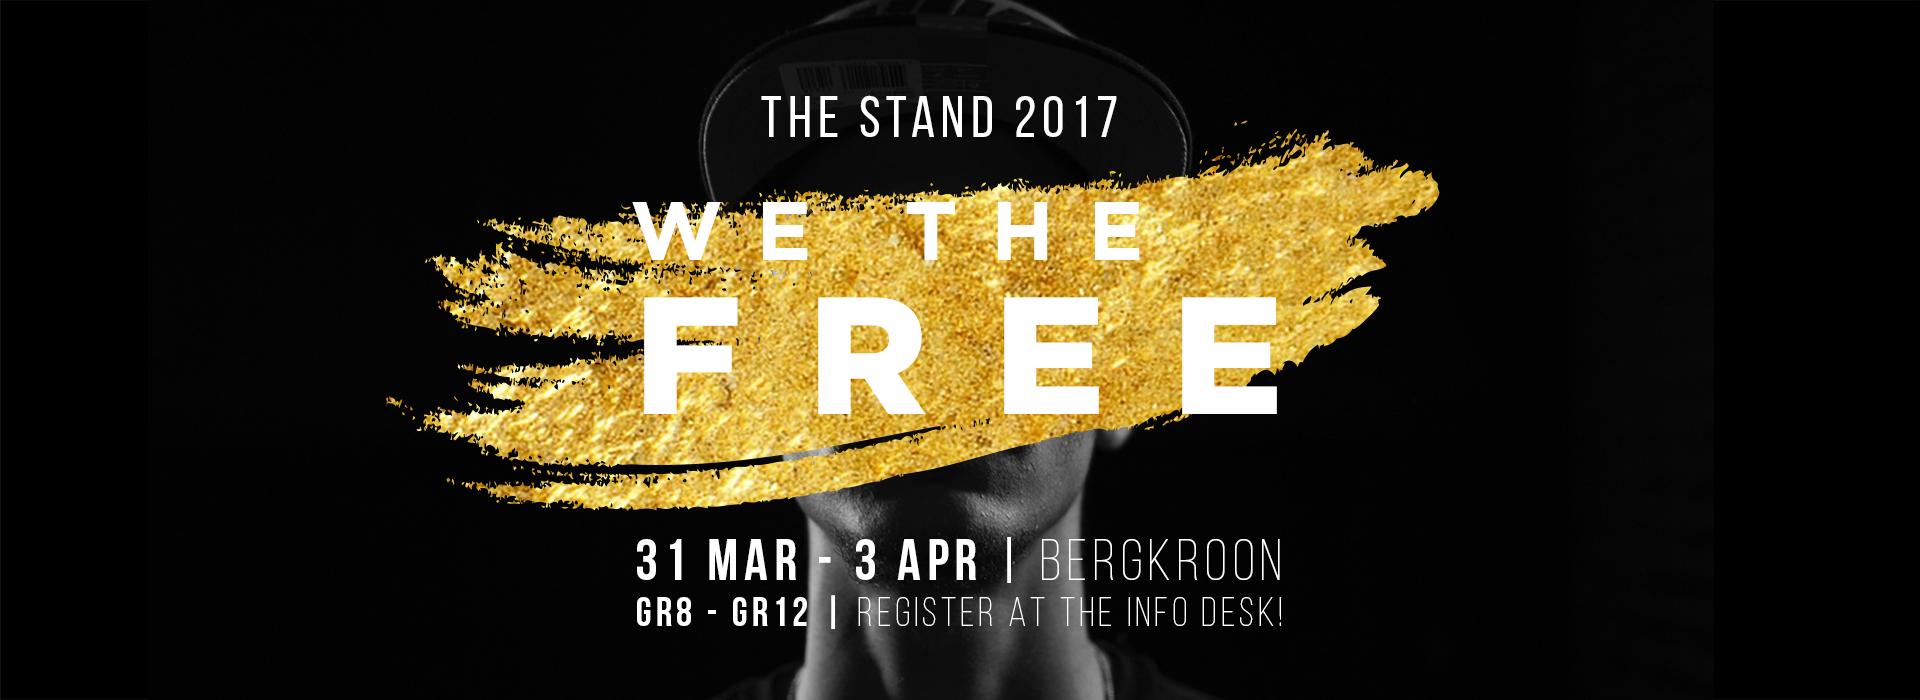 TheStand_WebBanner